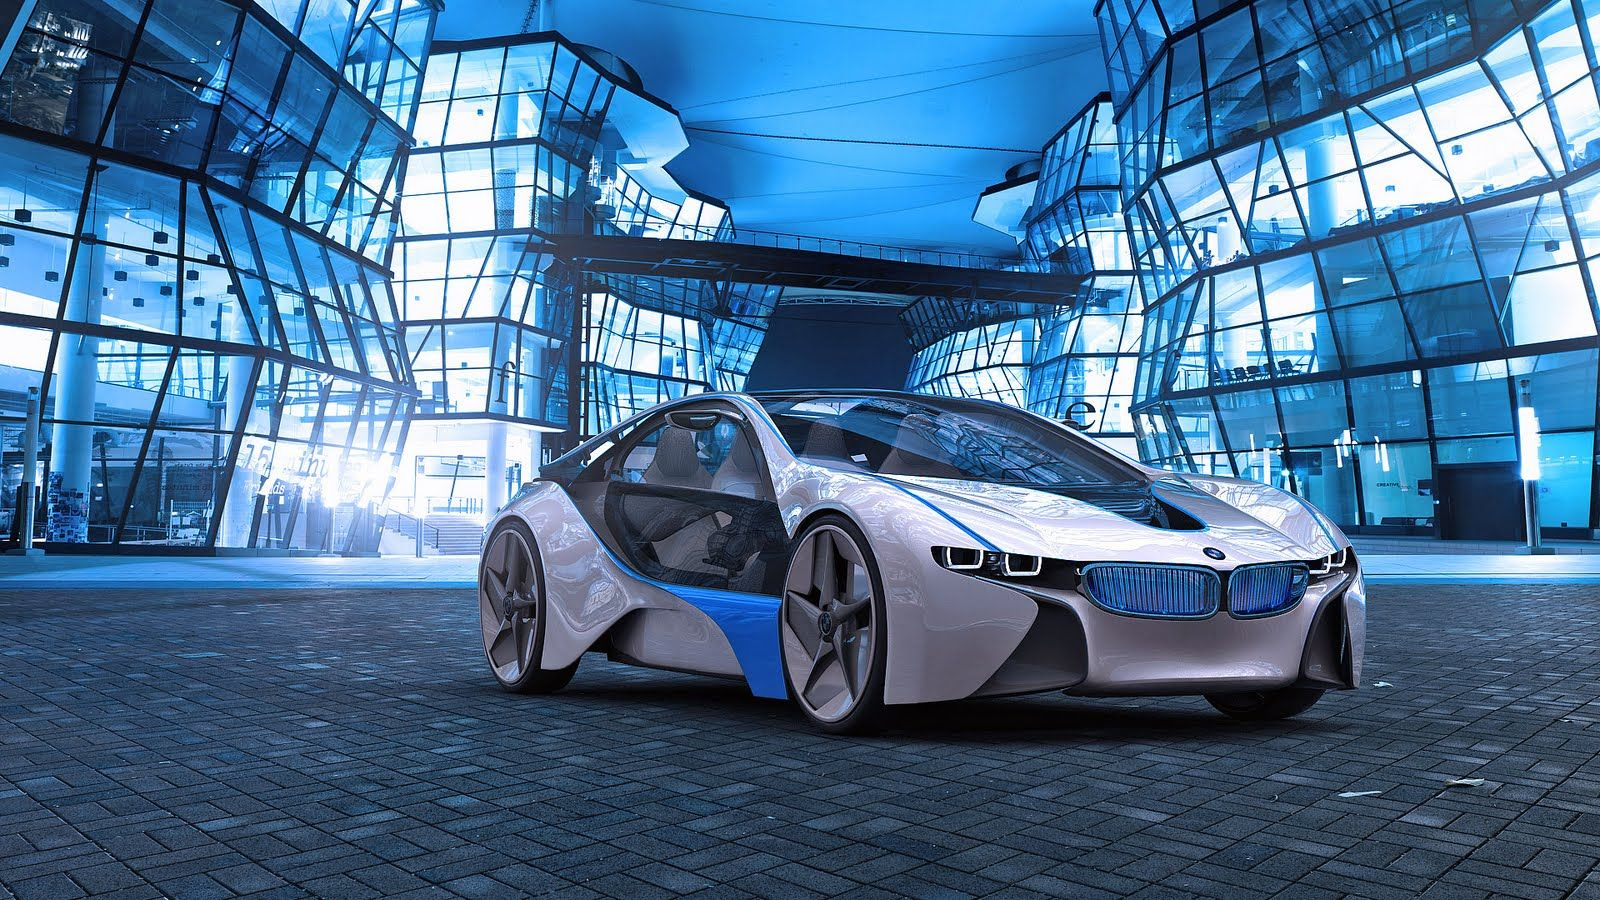 FutureArchitecture BMW Vision Future Hybrid Architecture HD 1600x900